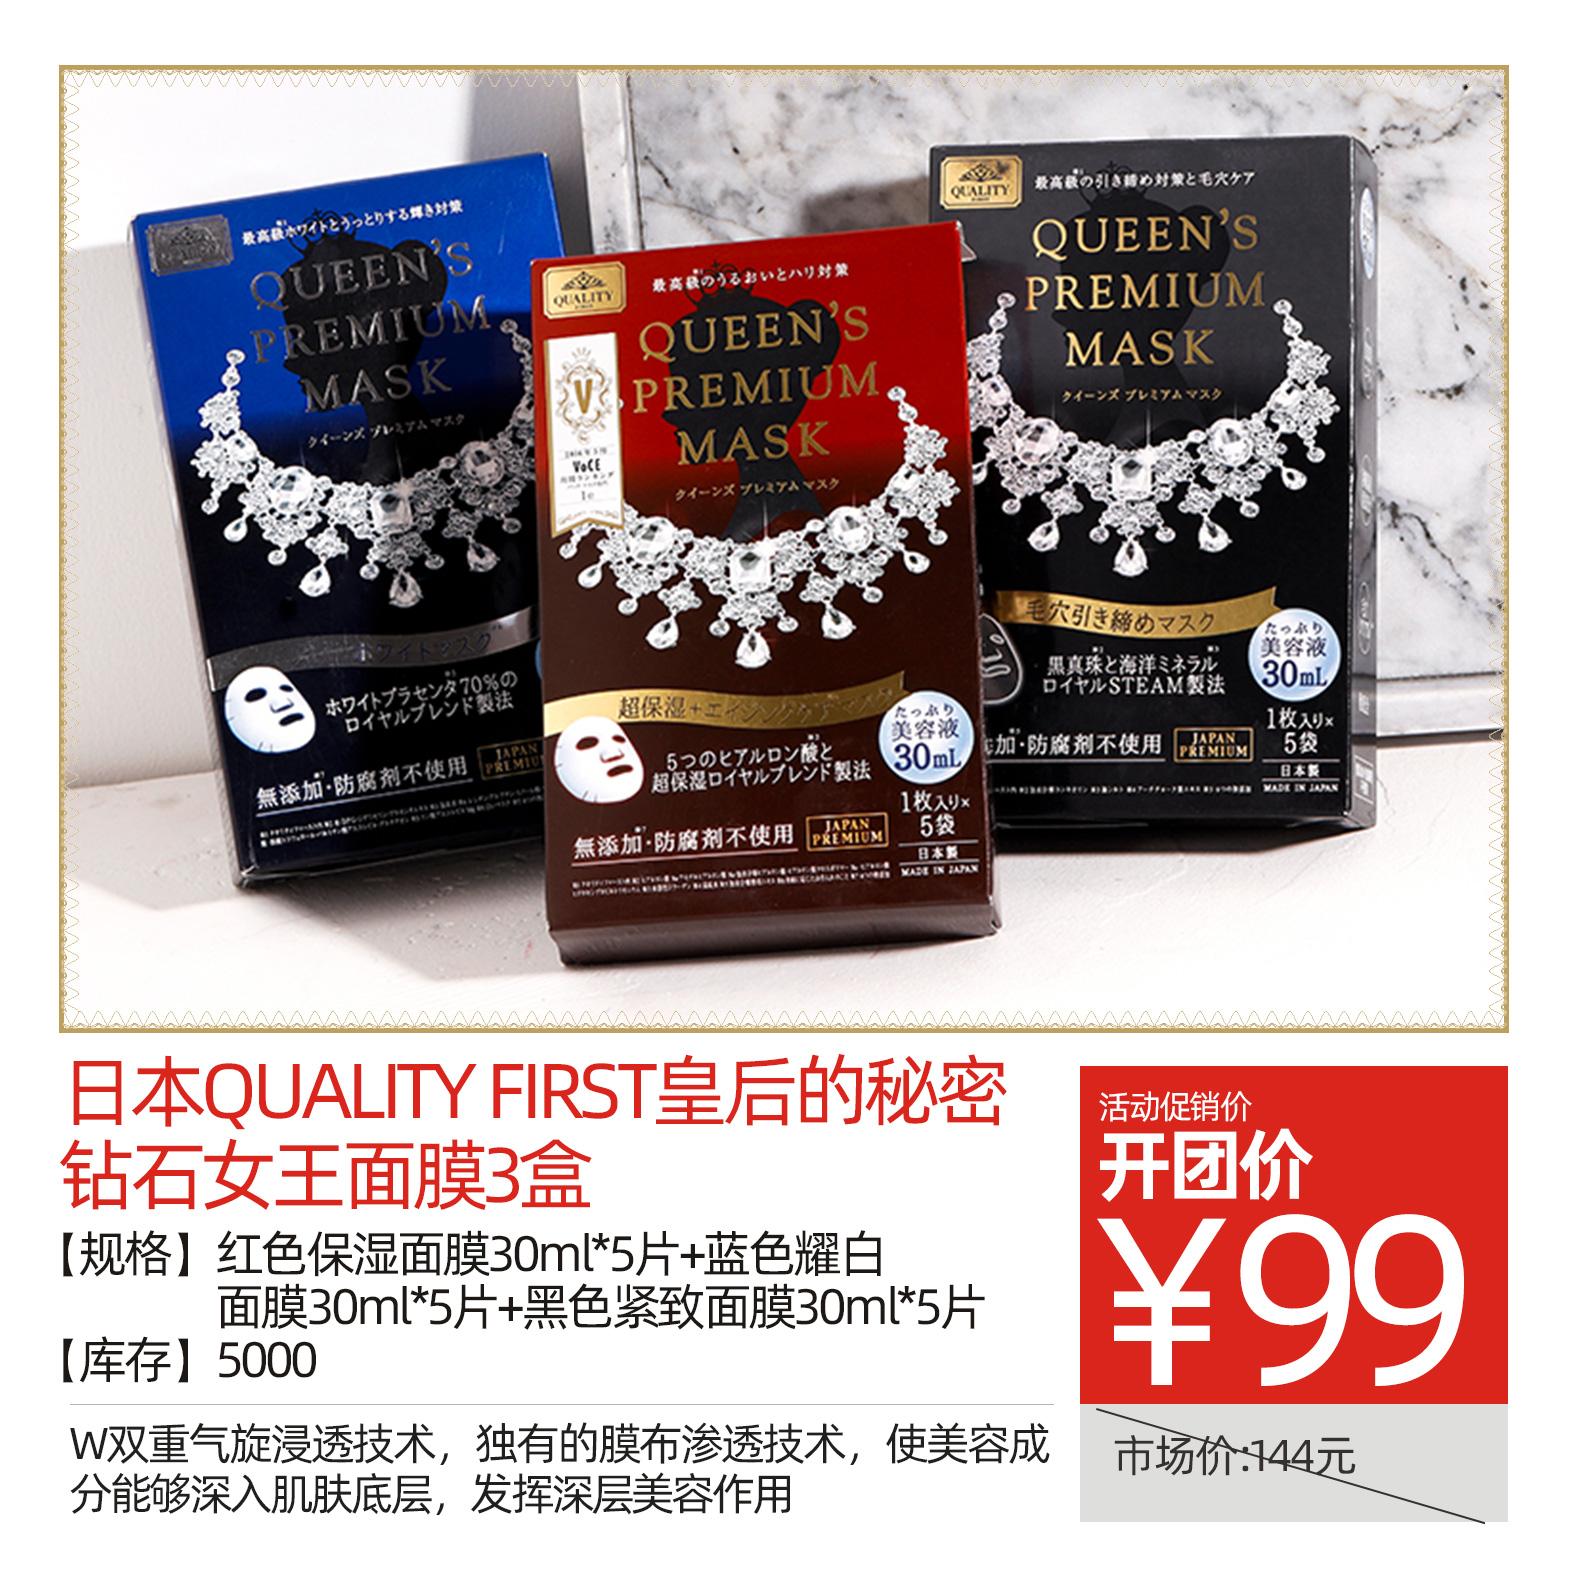 日本quality first皇后的秘密钻石女王面膜3盒